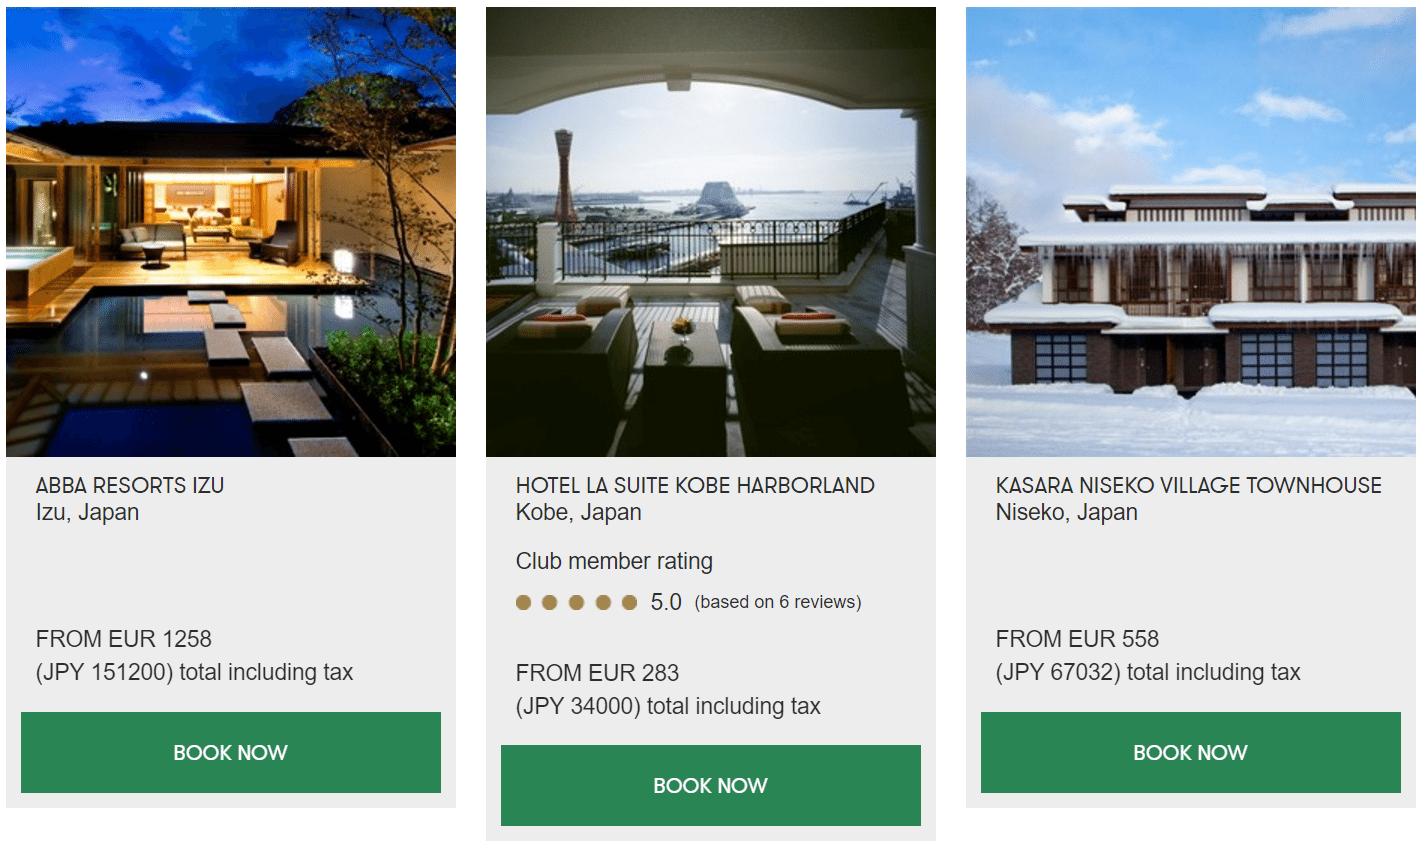 Slh preise japan for Slh hotels deutschland